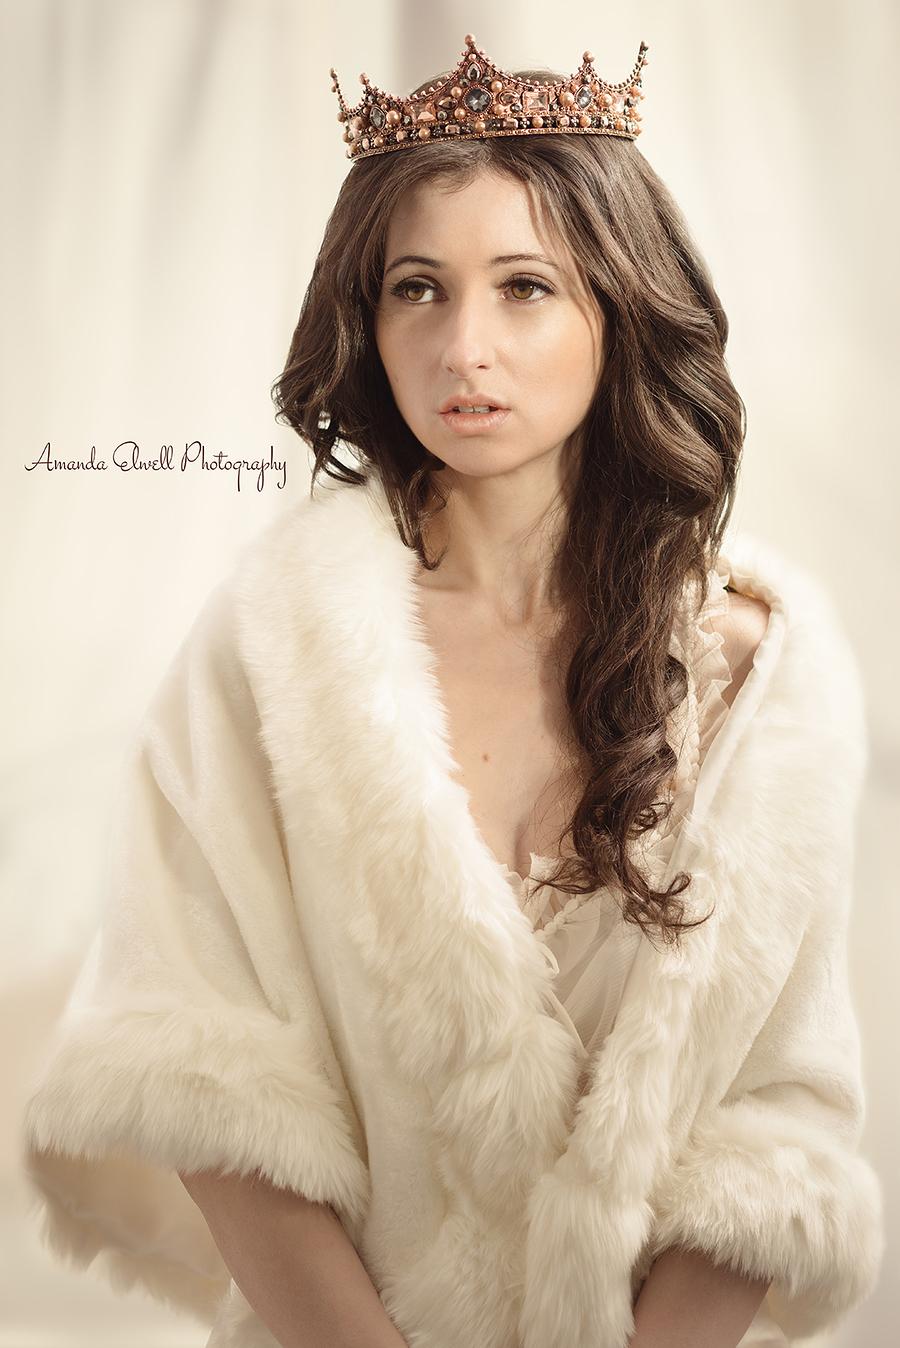 Amanda Elwell